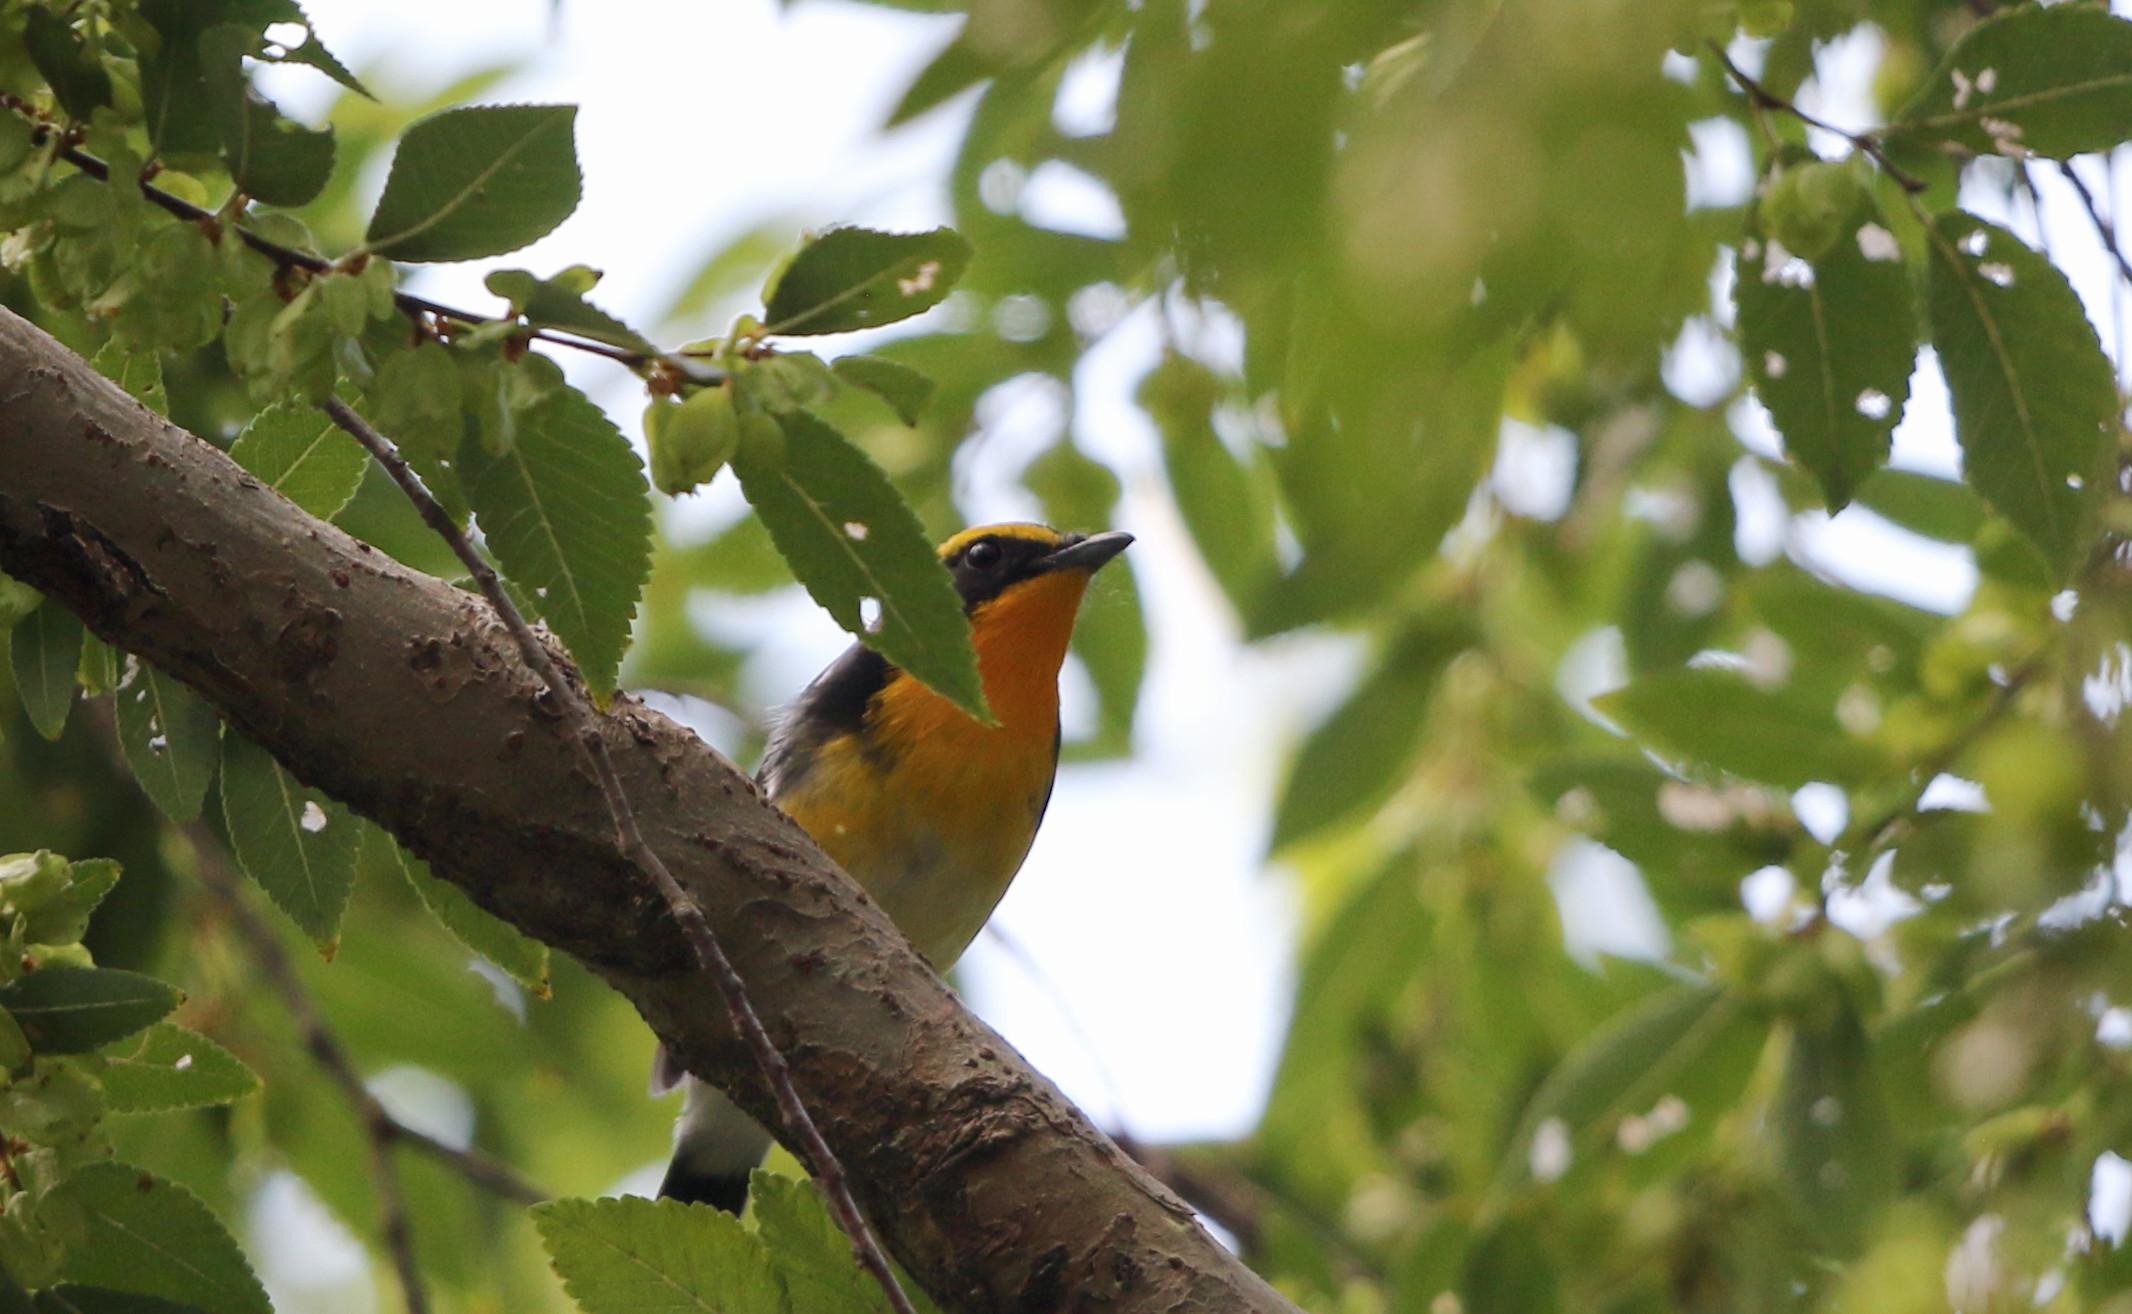 MFの森に渡りの立ち寄りの鳥(キビタキ その4)_f0239515_17185485.jpg